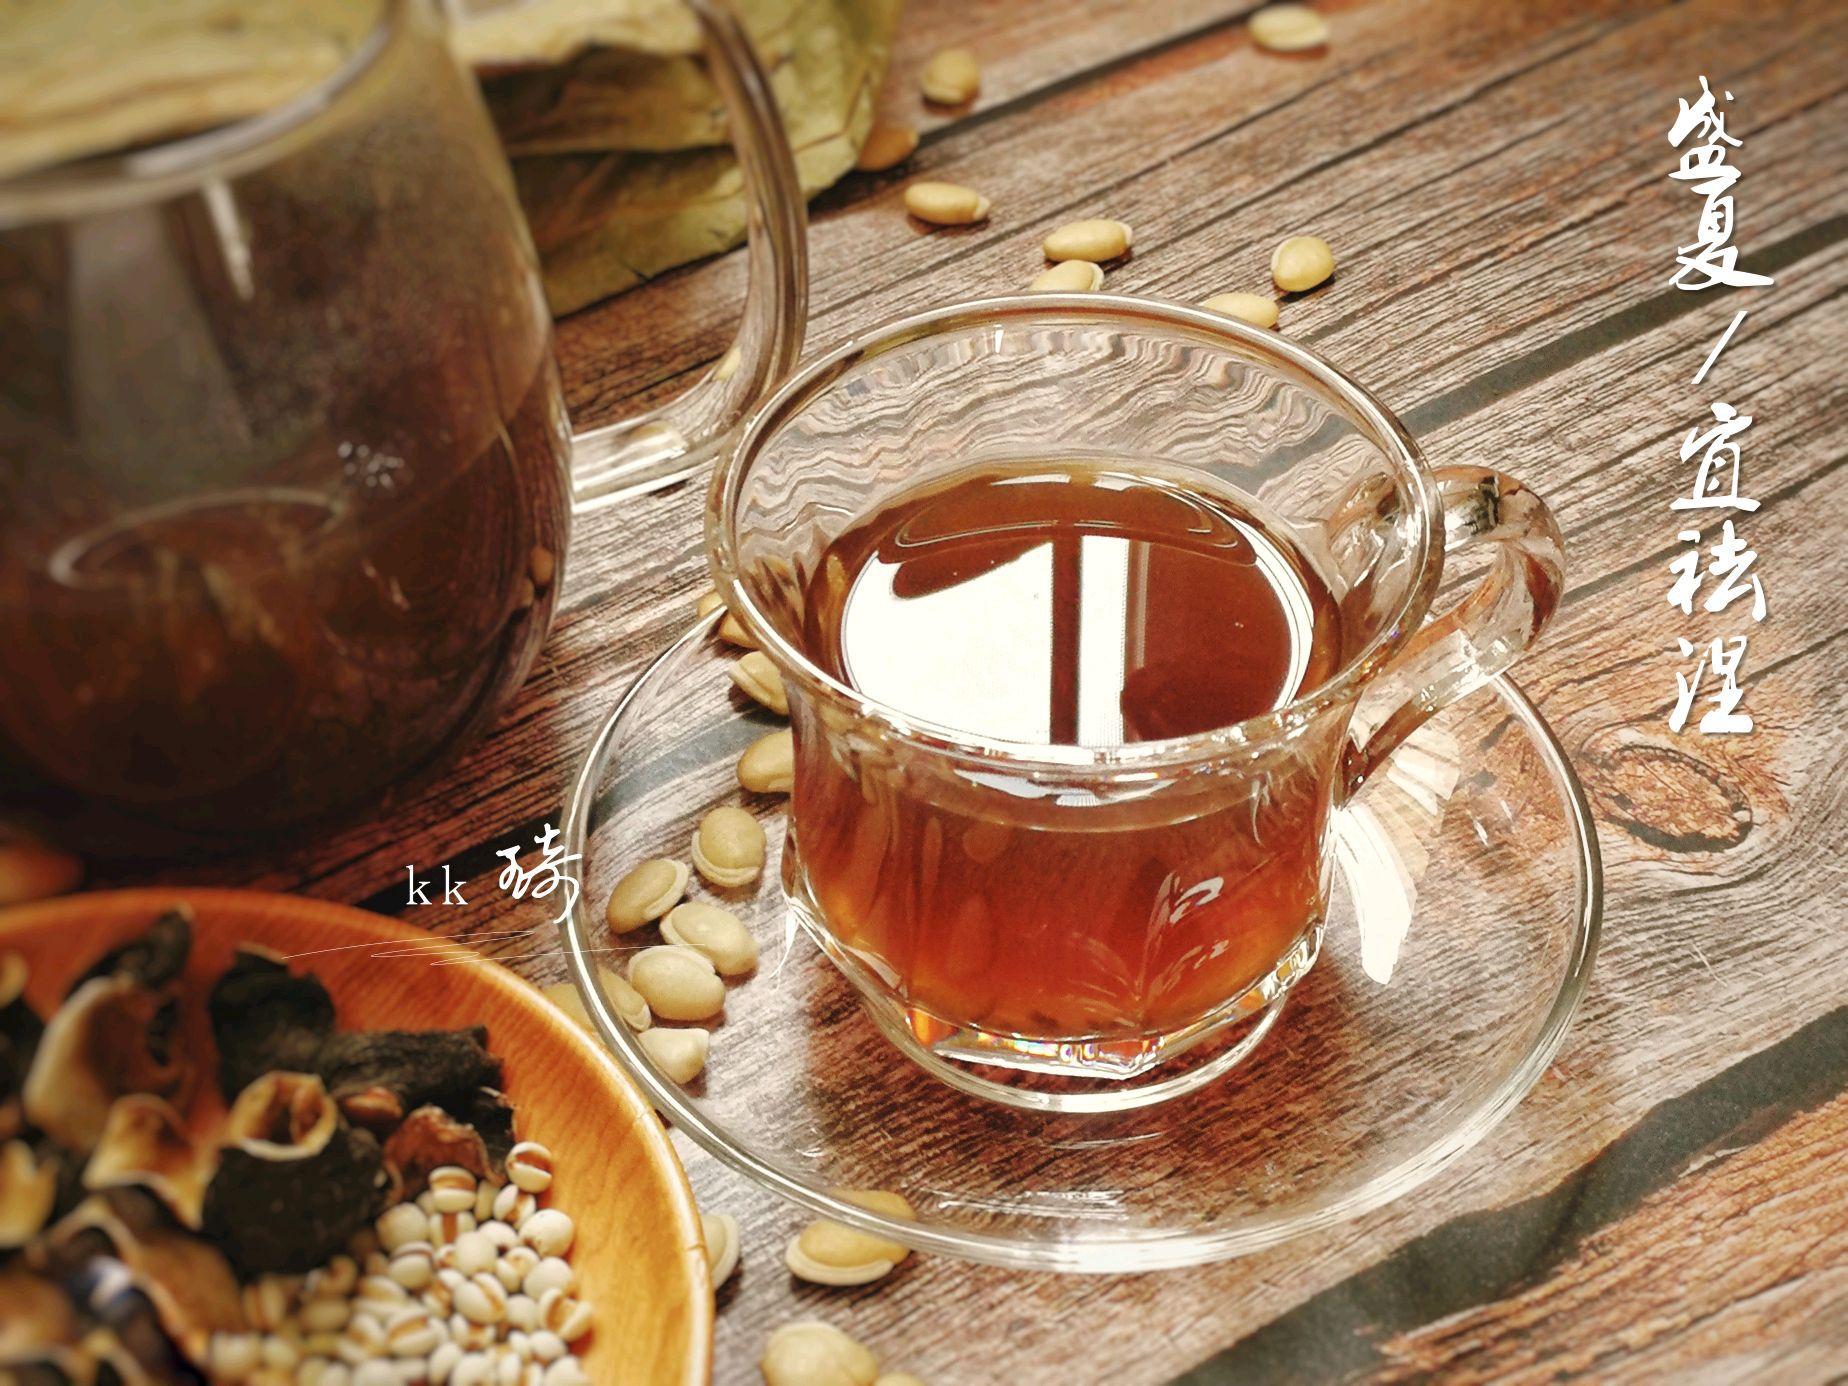 广东祛湿茶 菜谱 | 赛厨易